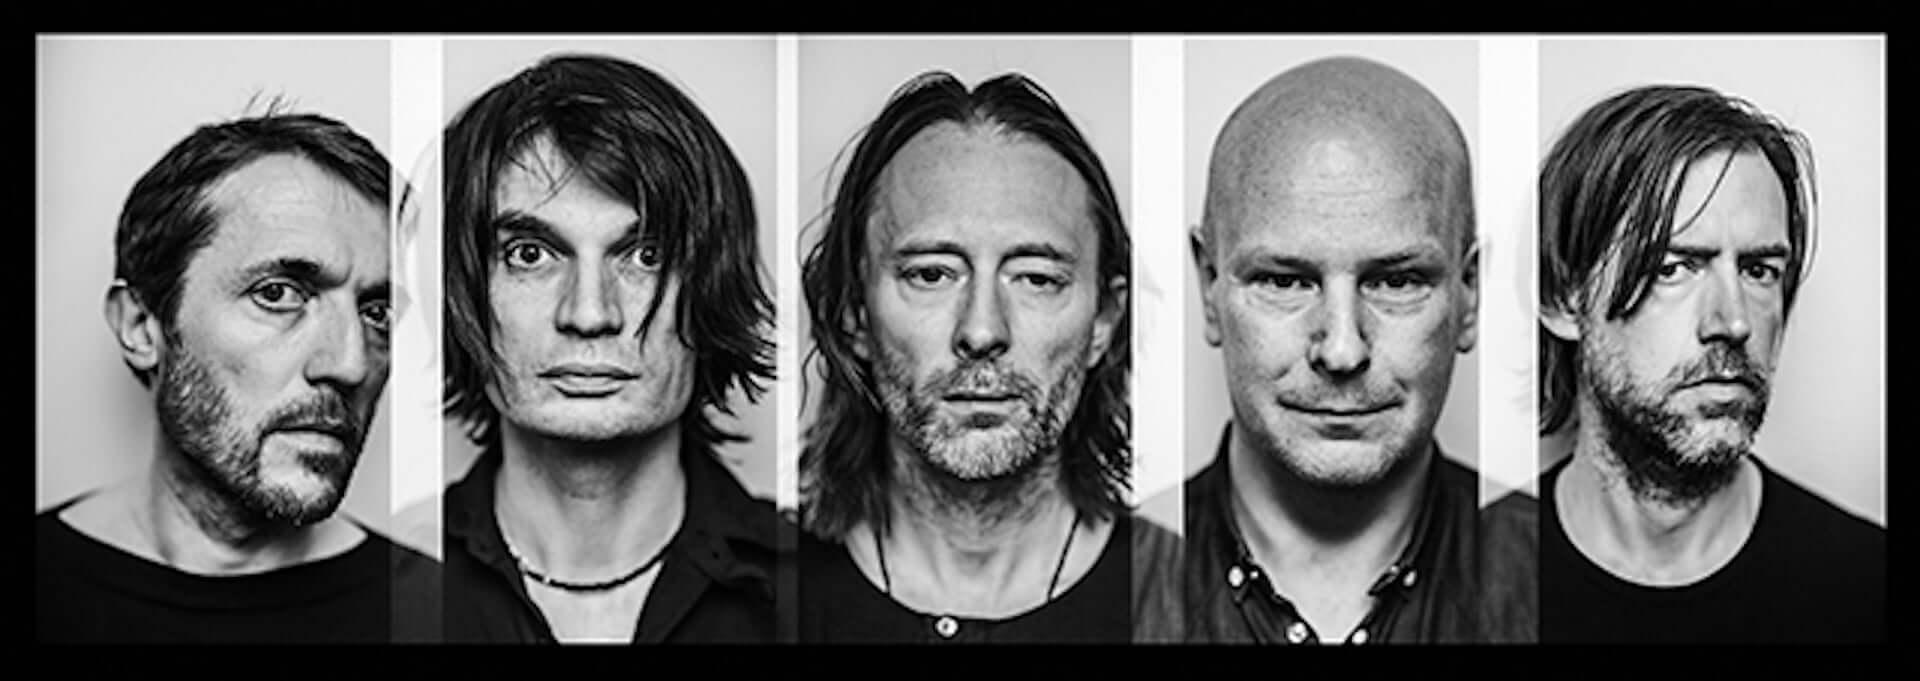 Radioheadが2000年にダブリンで実施したライブ映像を公開!Thom Yorke『ANIMA』Tシャツの単体販売も開始 music200410_radiohead_1-1920x681